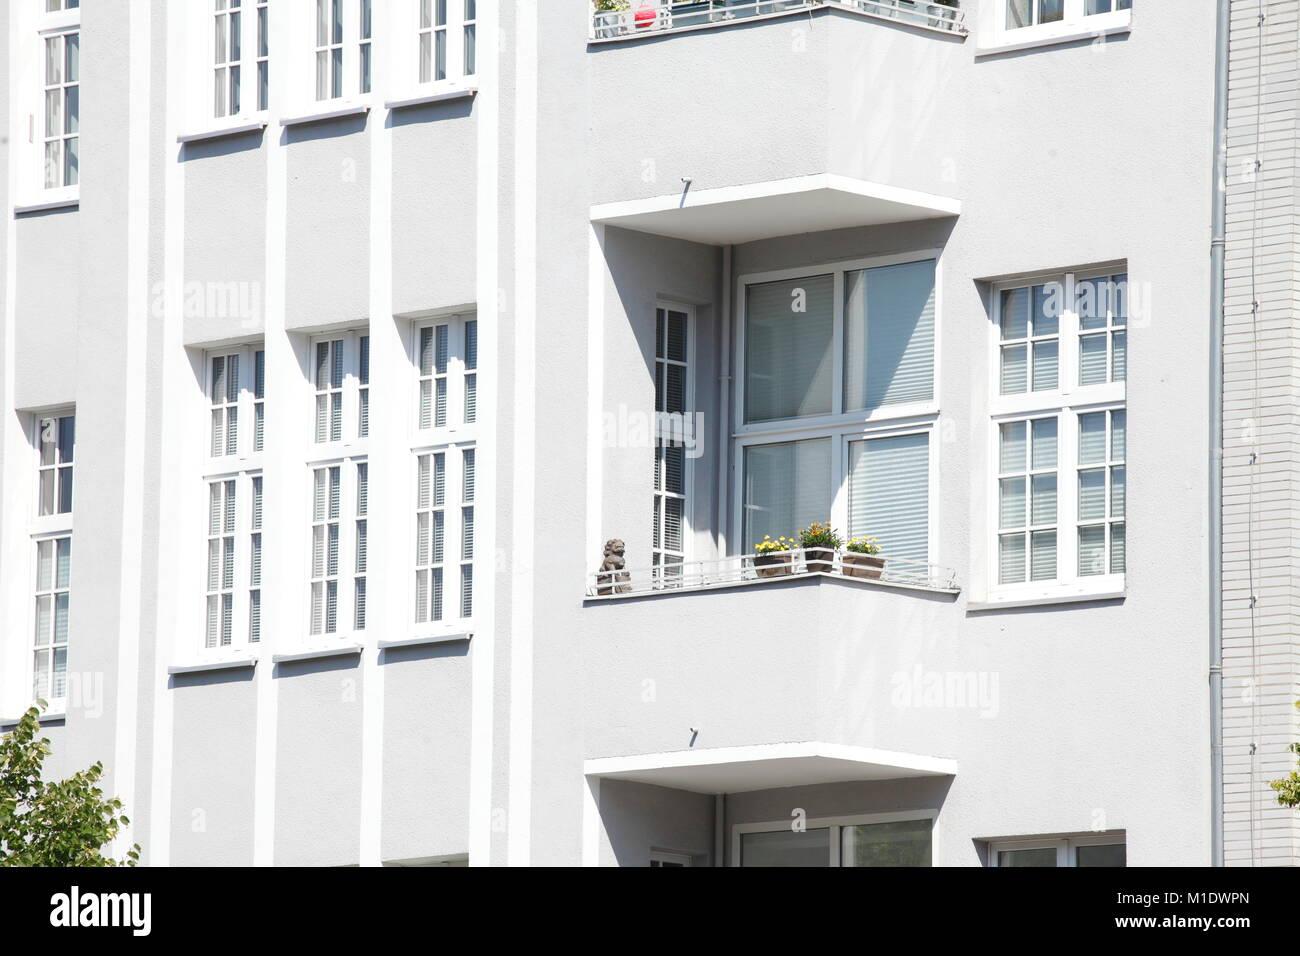 Wohngebäude, alten Gebäuden und Neubauten auf den Kaiserdamm Street, Häuserfassaden in Charlottenburg, Stockbild